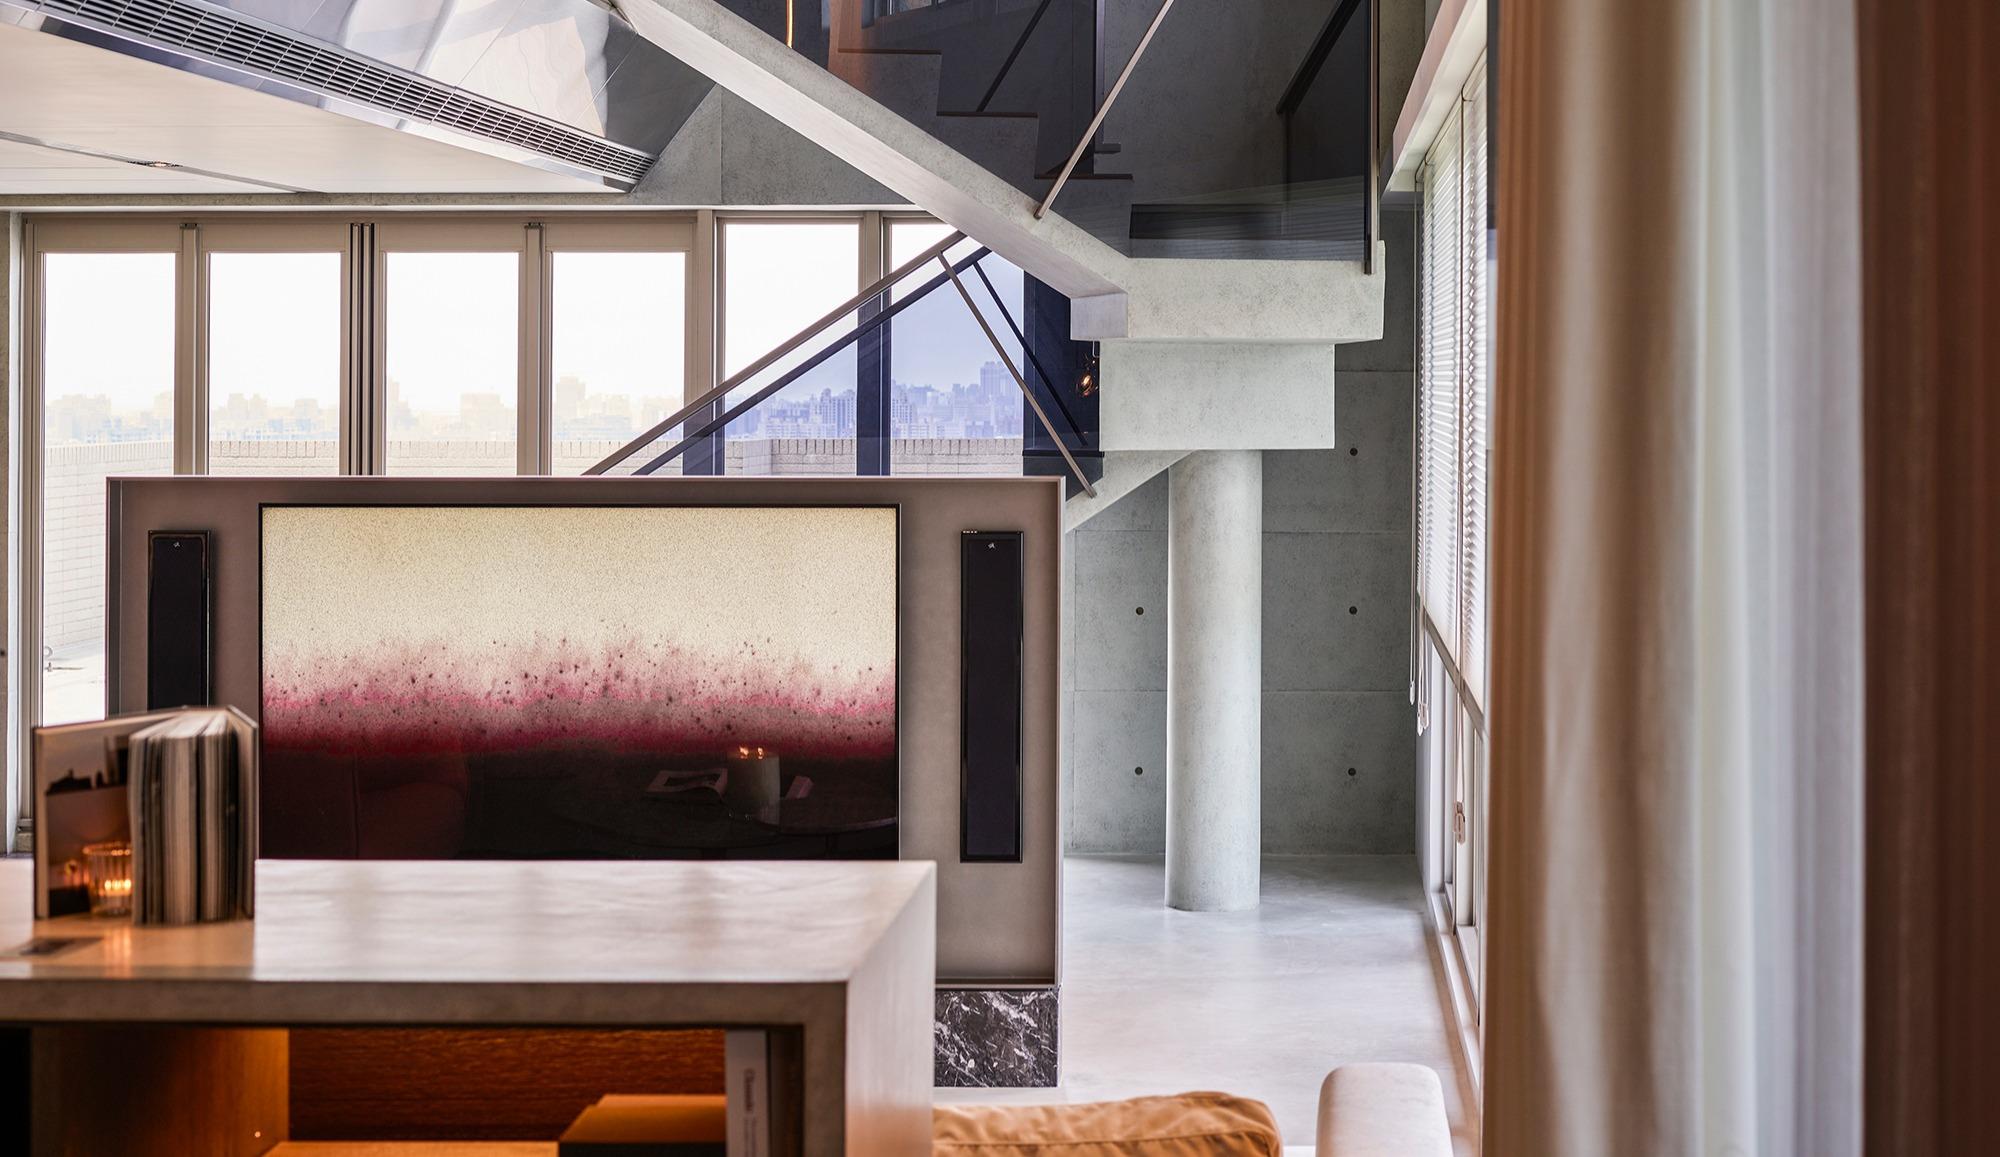 室內設計視頻 空間的剖面